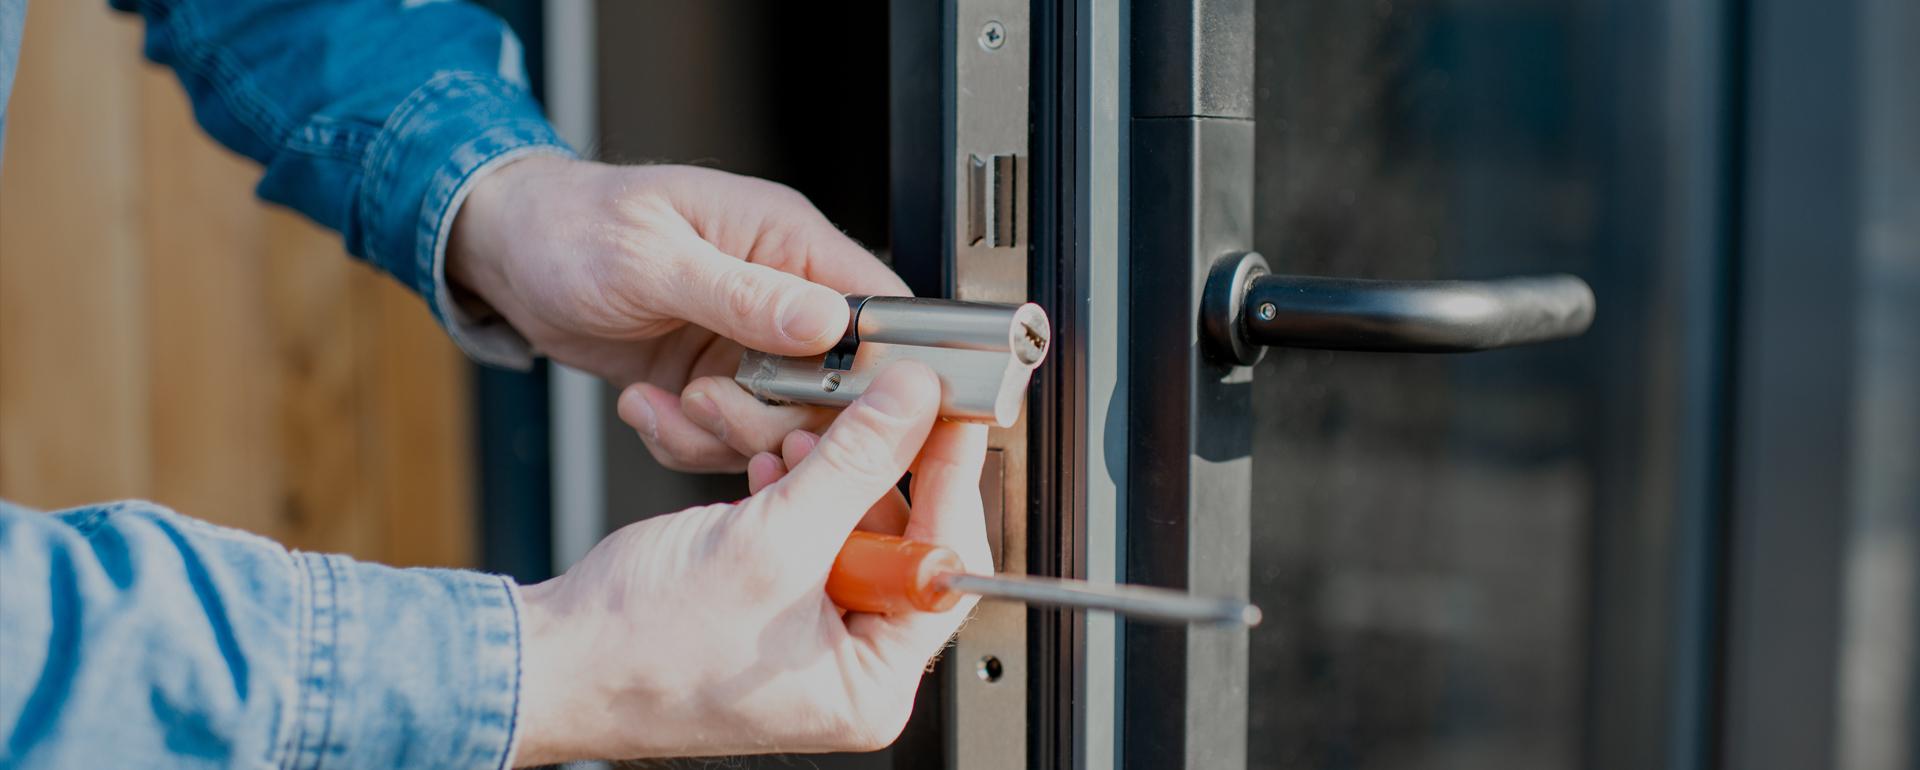 Repairing and replacing locks